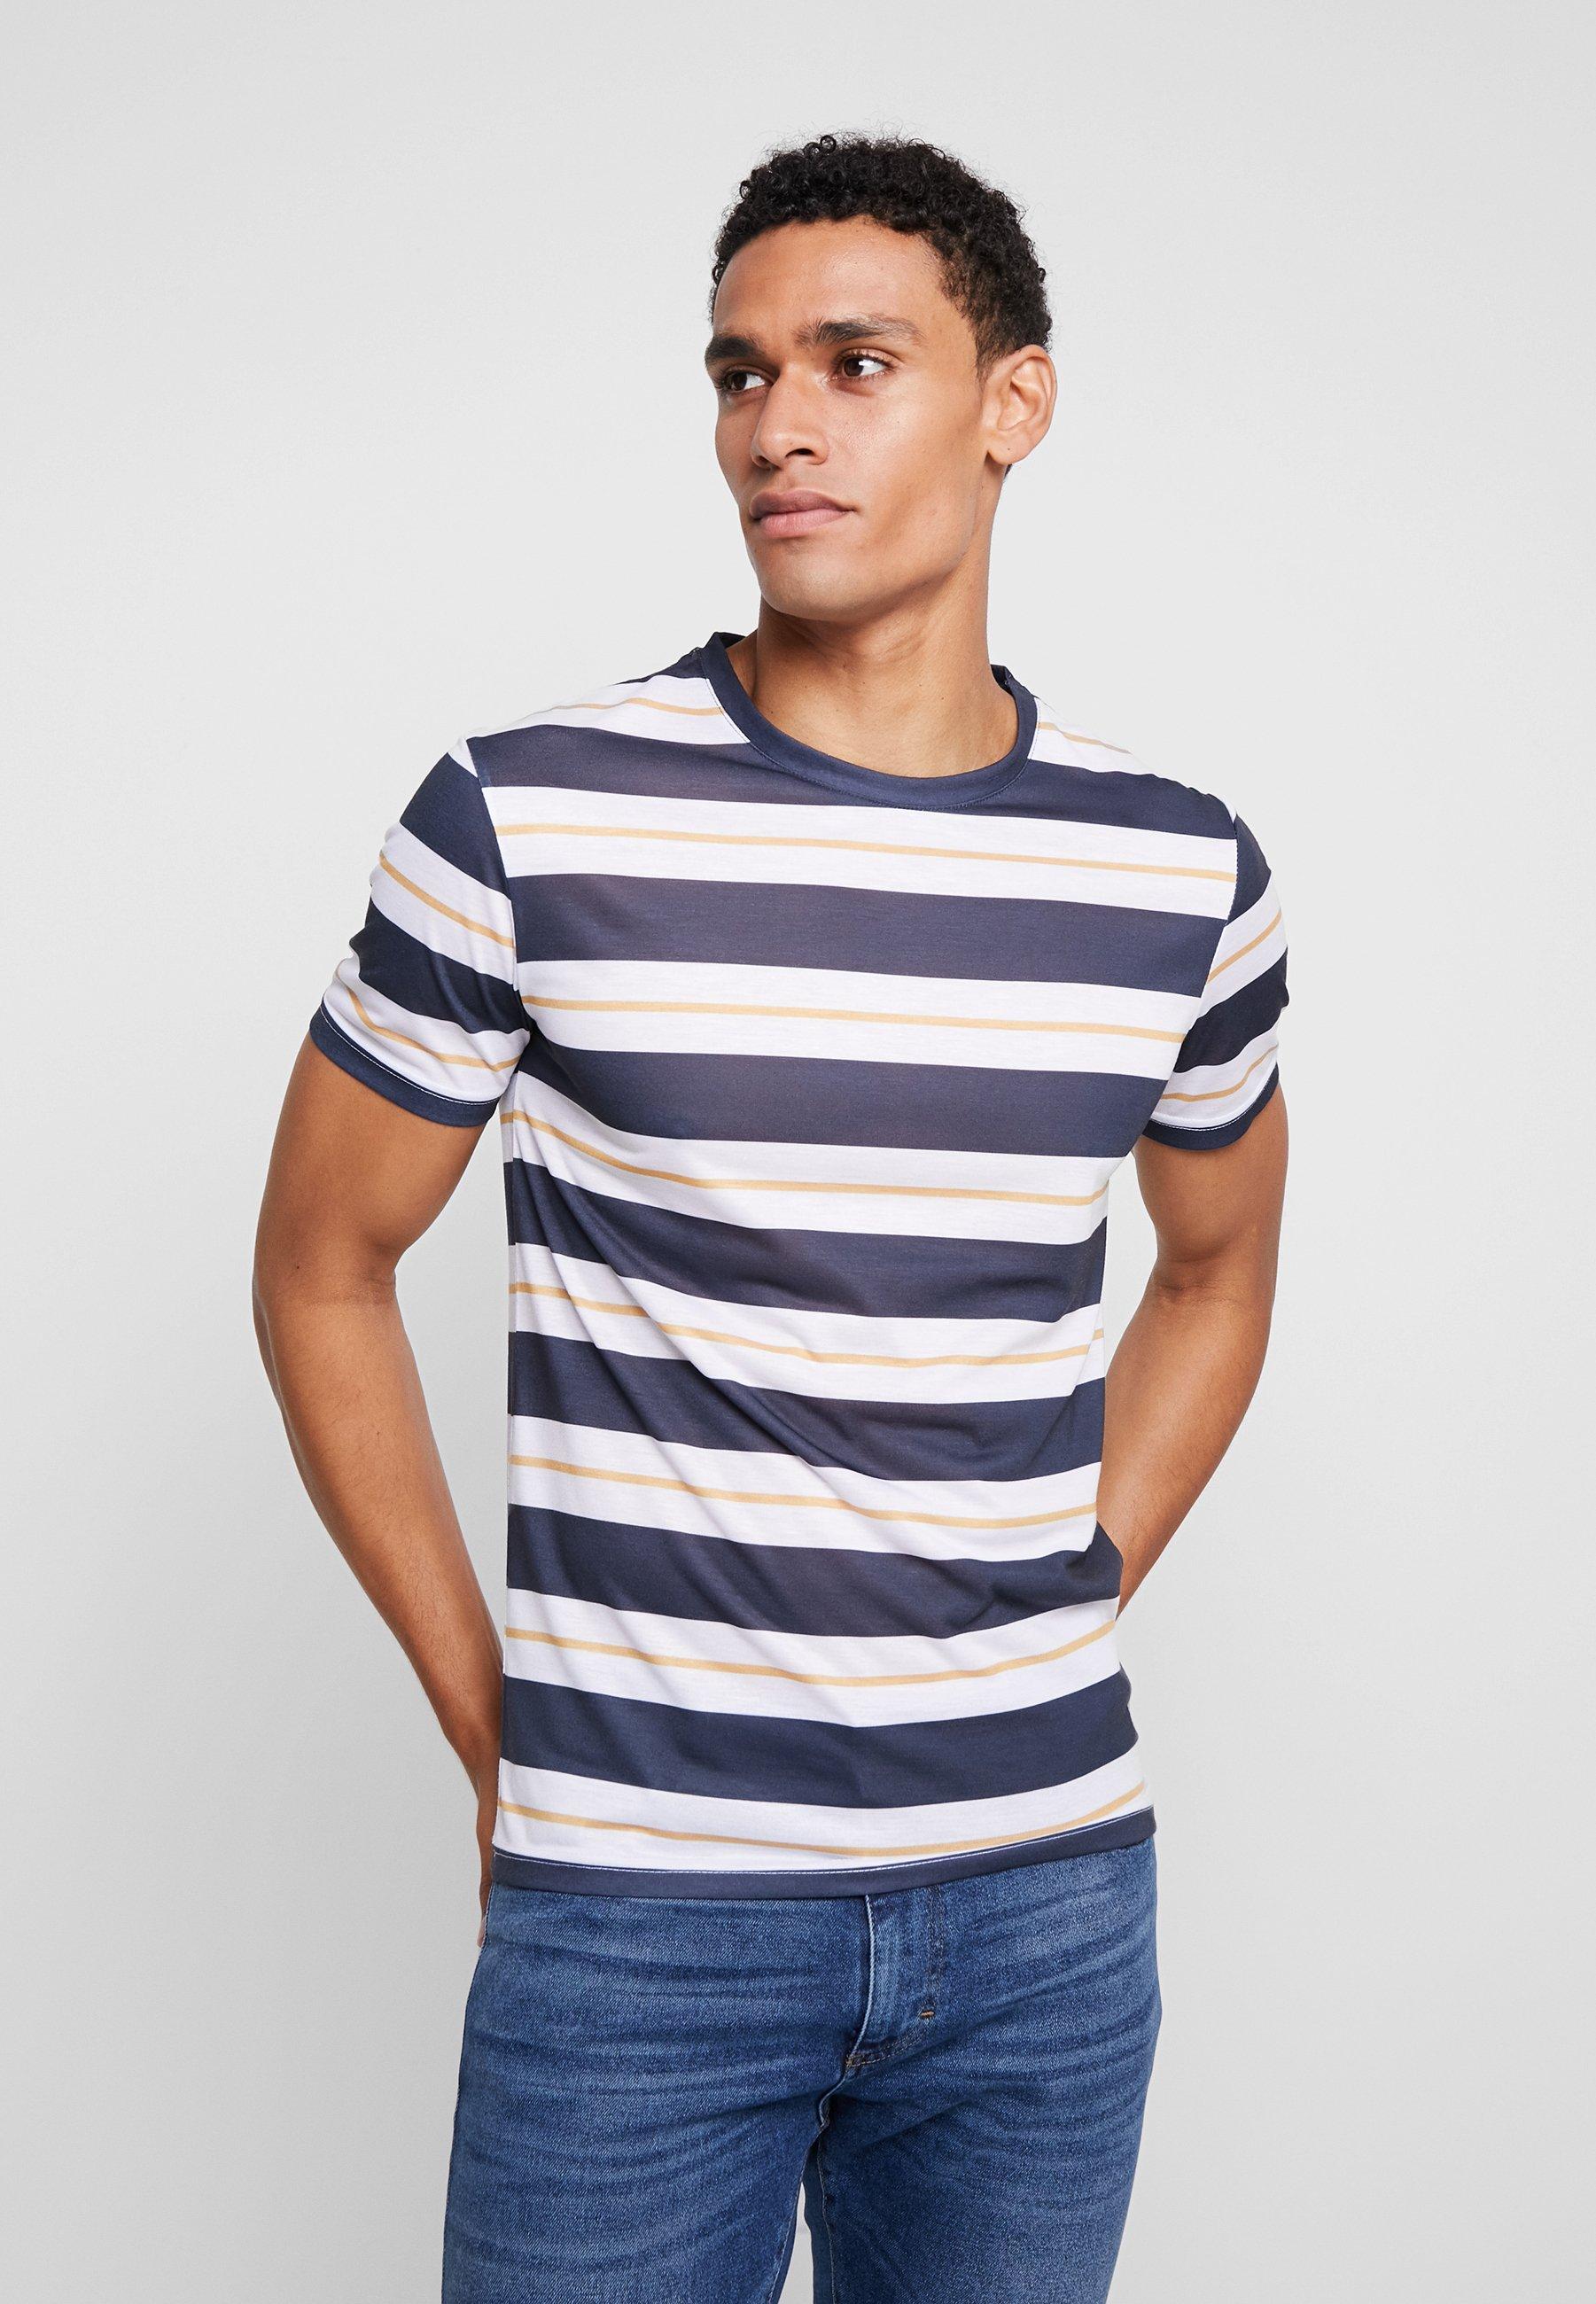 T shirt One One Pier ImpriméBlue shirt T T ImpriméBlue Pier Pier One shirt TFKcl1J